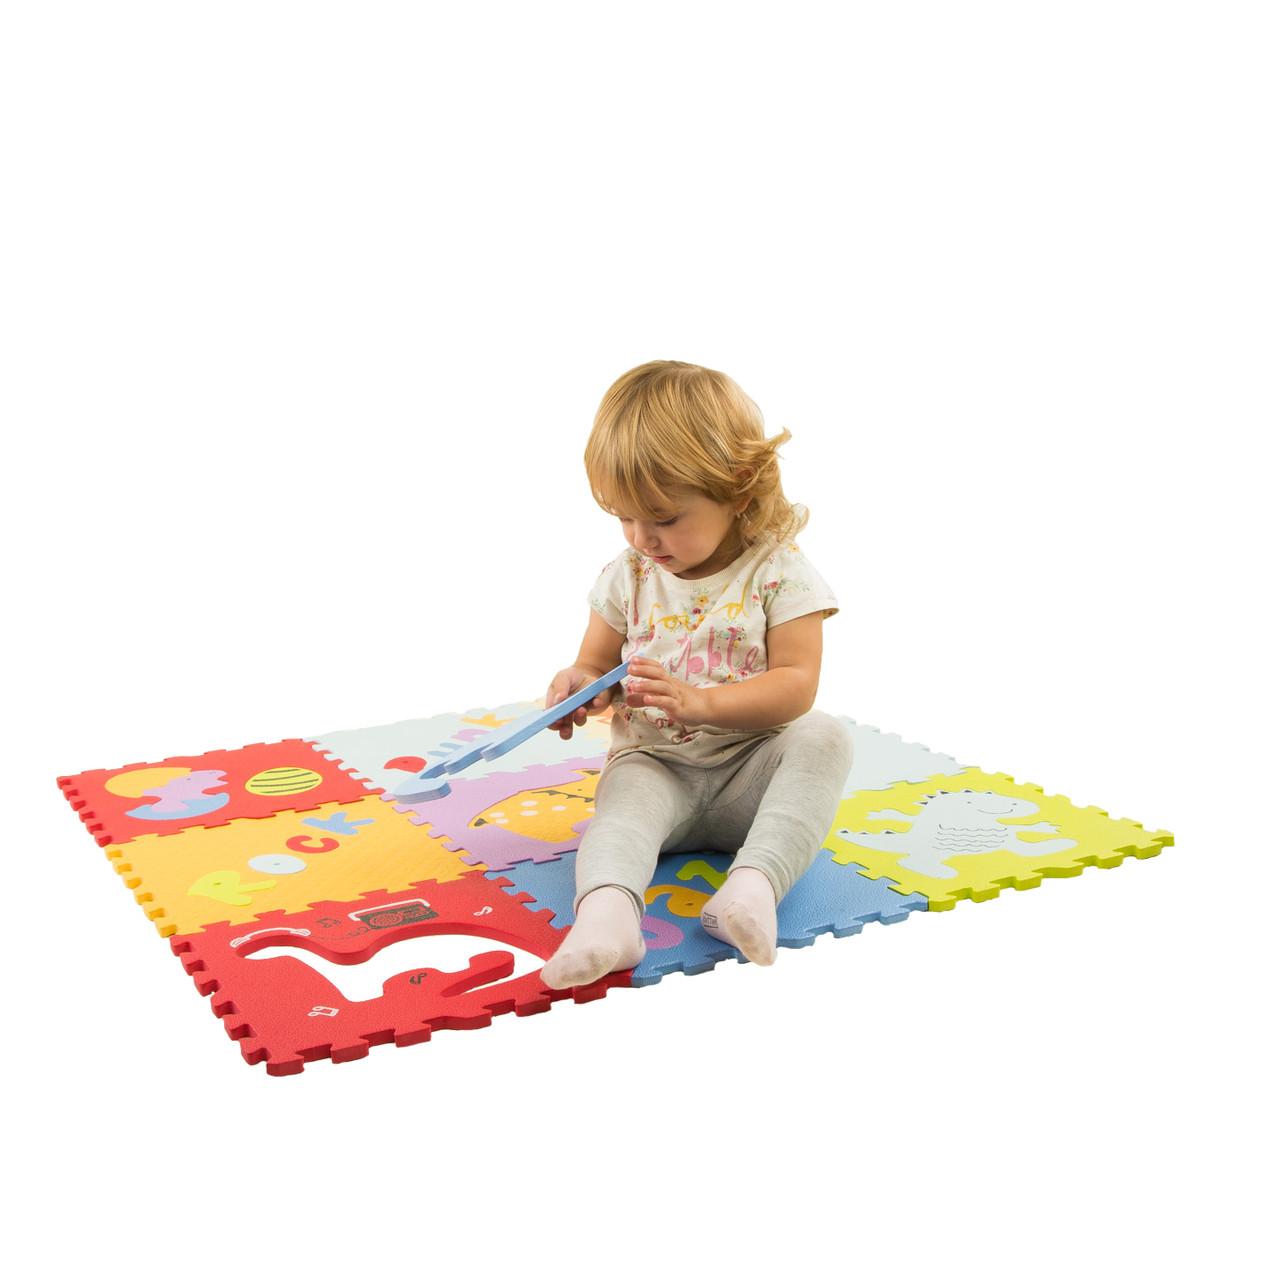 Детский коврик на пол развивающий 92см*92см